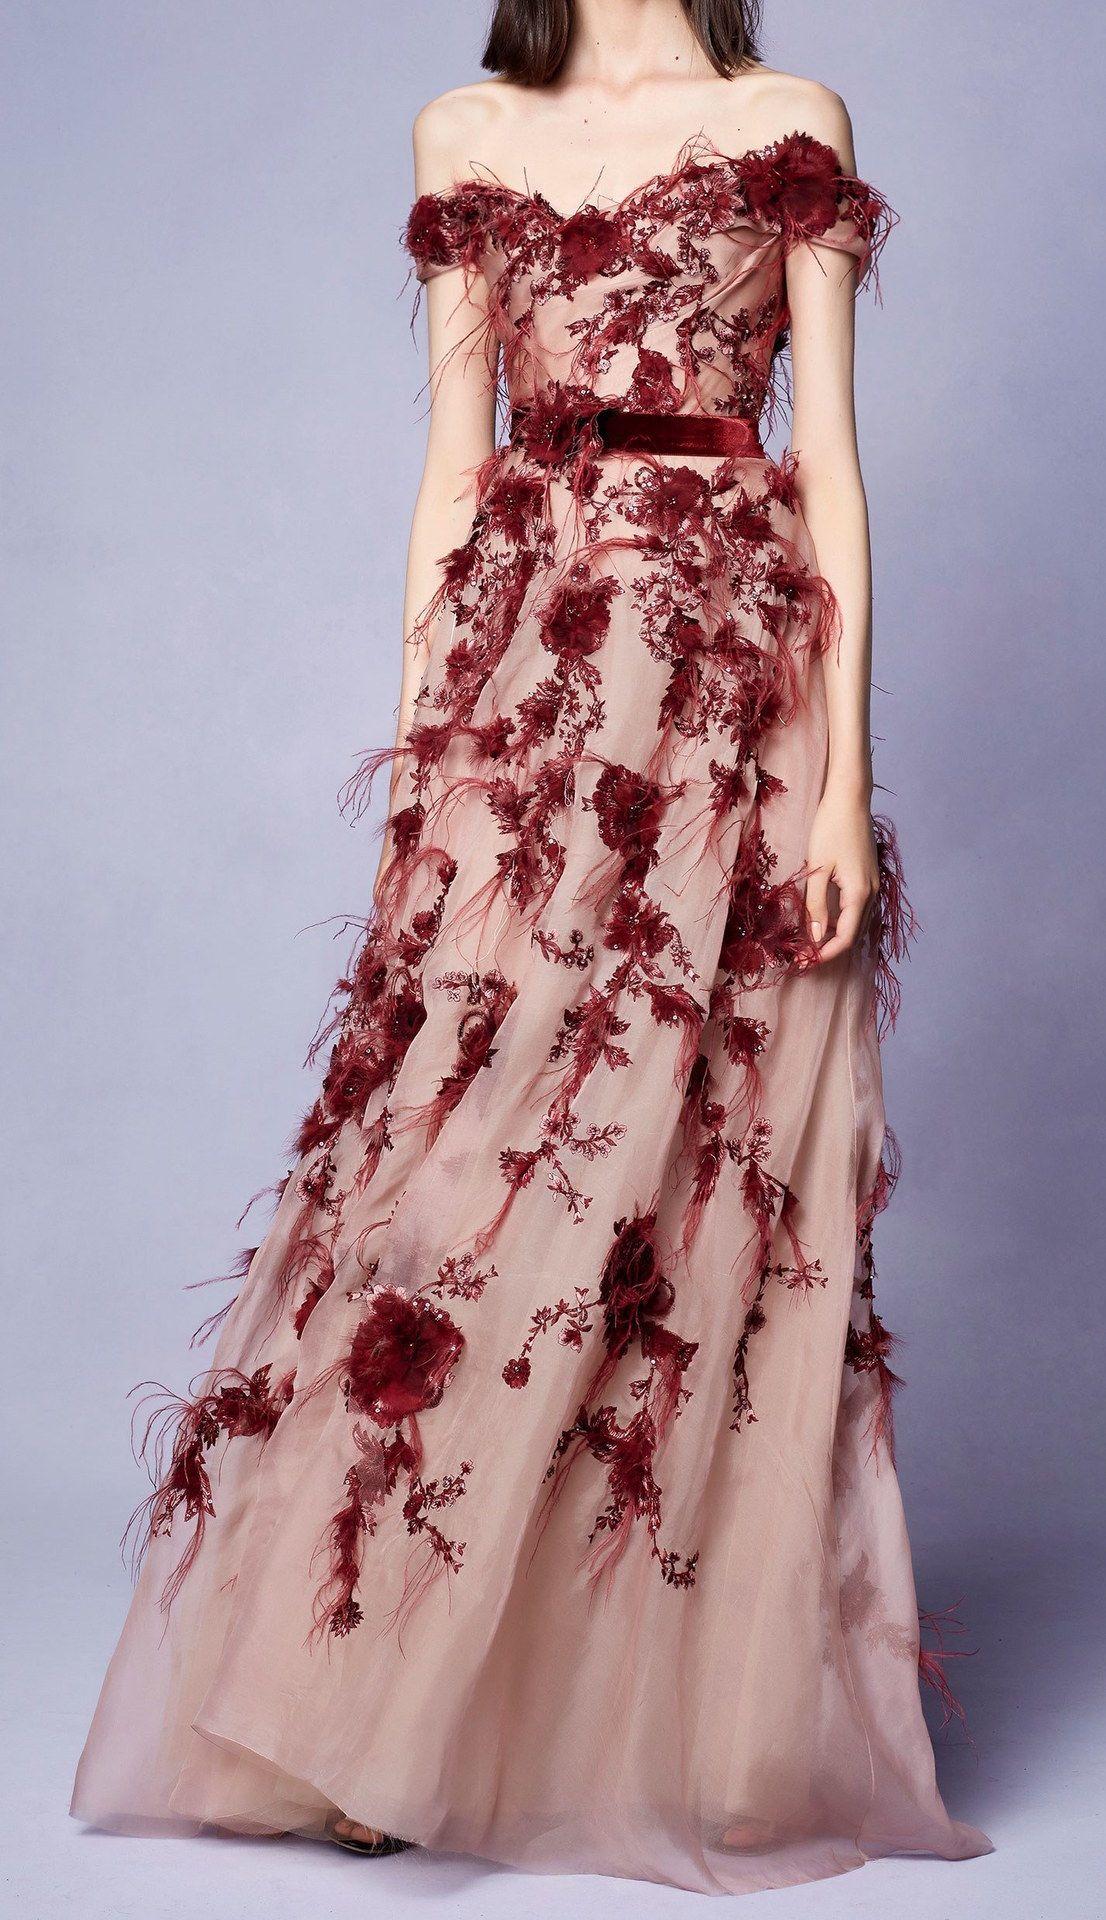 Red ball gown wedding dress  Marchesa Resort   Gowns  Pinterest